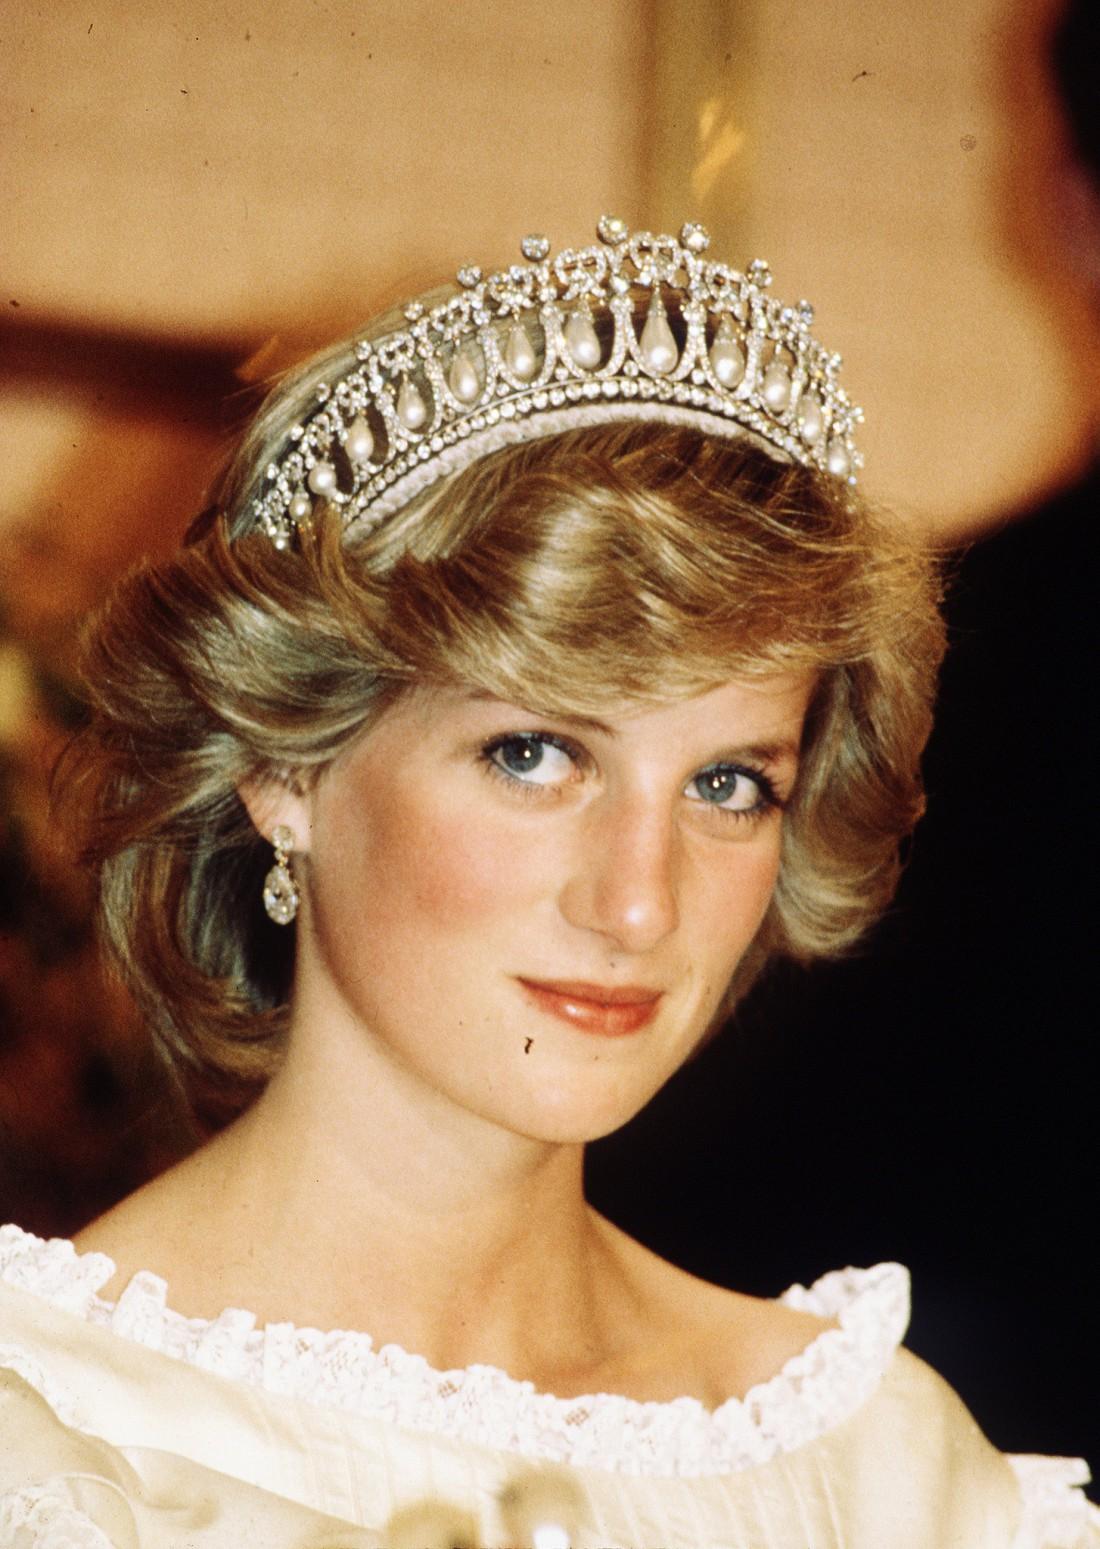 Принцесса Диана особенно трепетно относилась к beauty-ритуалу